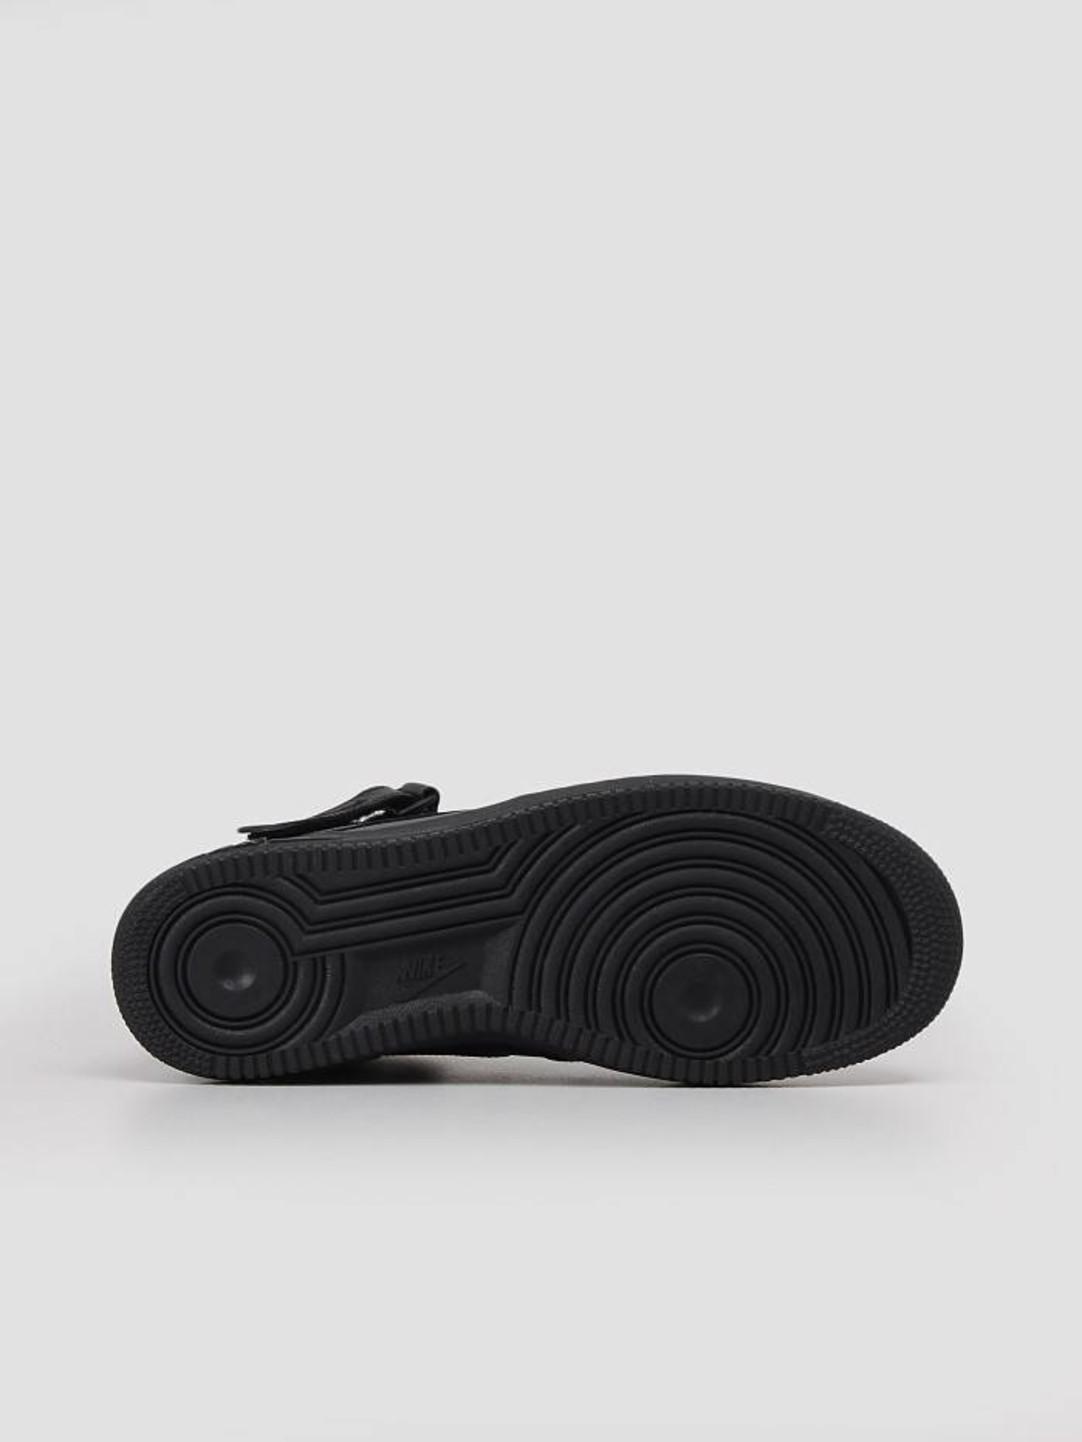 Nike Nike Air Force 1 Mid 07 Black 315123-001